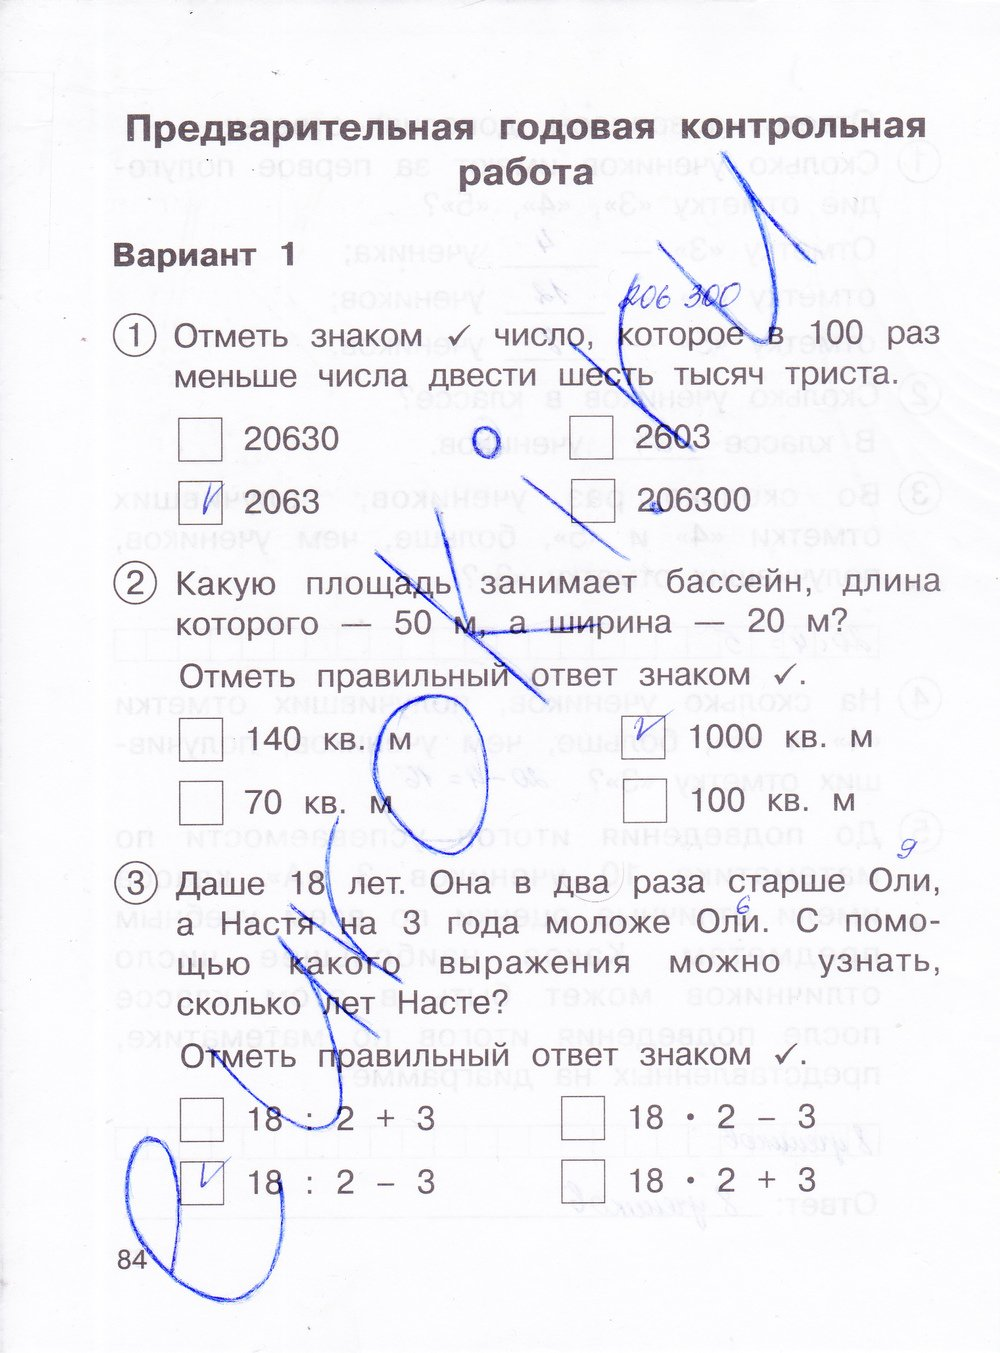 Математике контрольных чуракова работ 2 класс по гдз 2 тетрадь часть по для